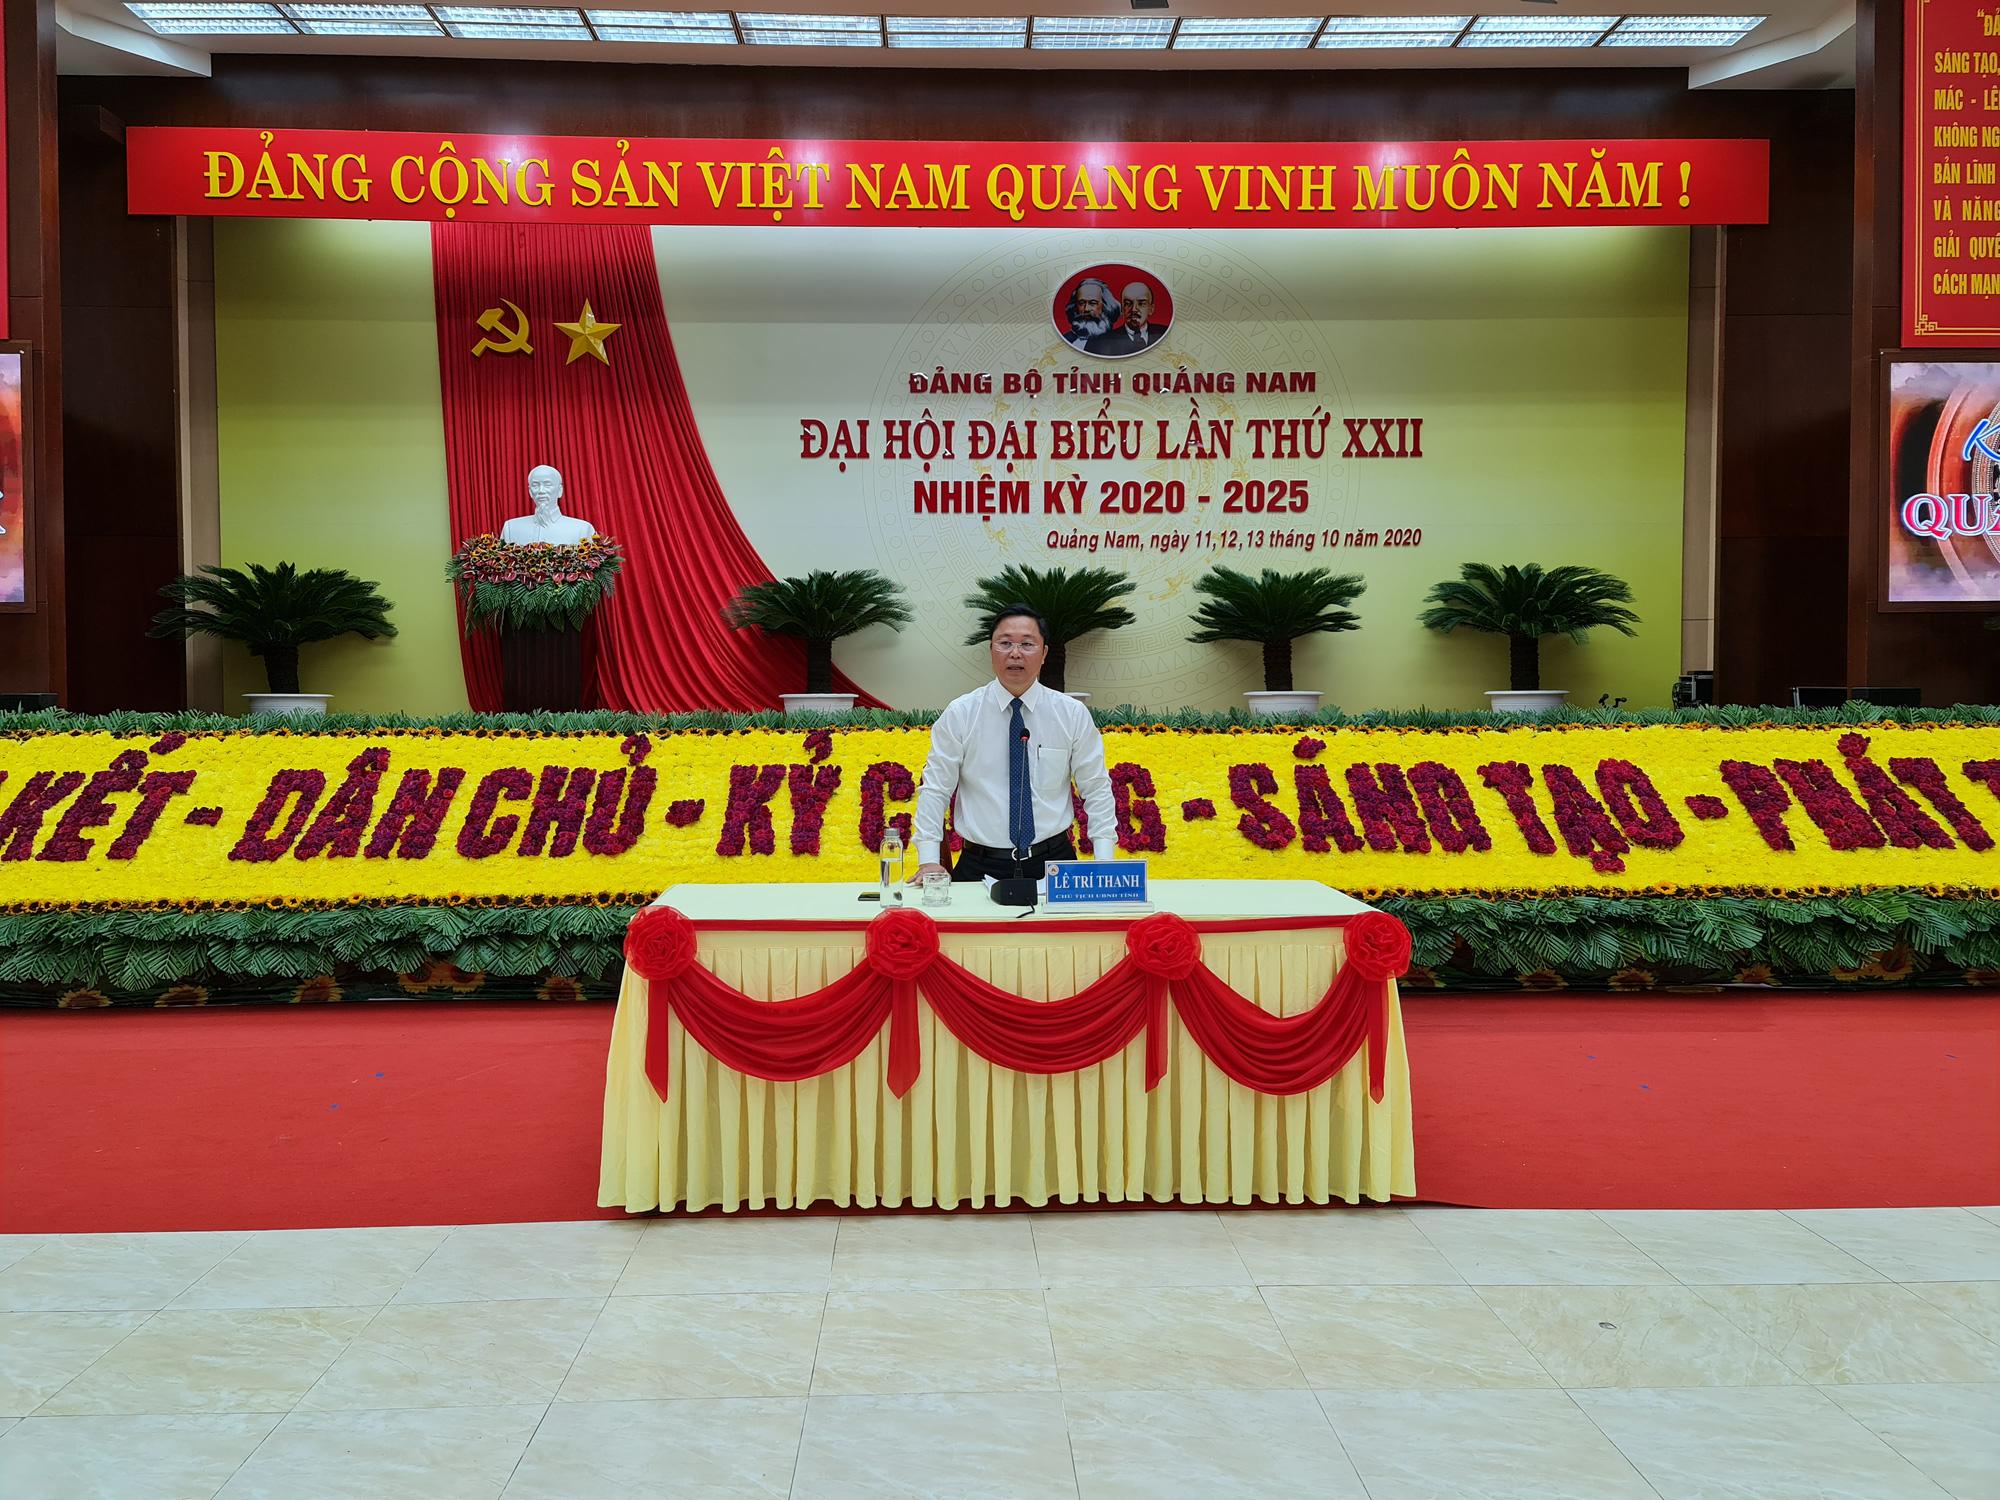 Chủ tịch UBND tỉnh Quảng Nam: Kêu gọi tư nhân đầu tư vào sân bay Chu Lai - Ảnh 1.